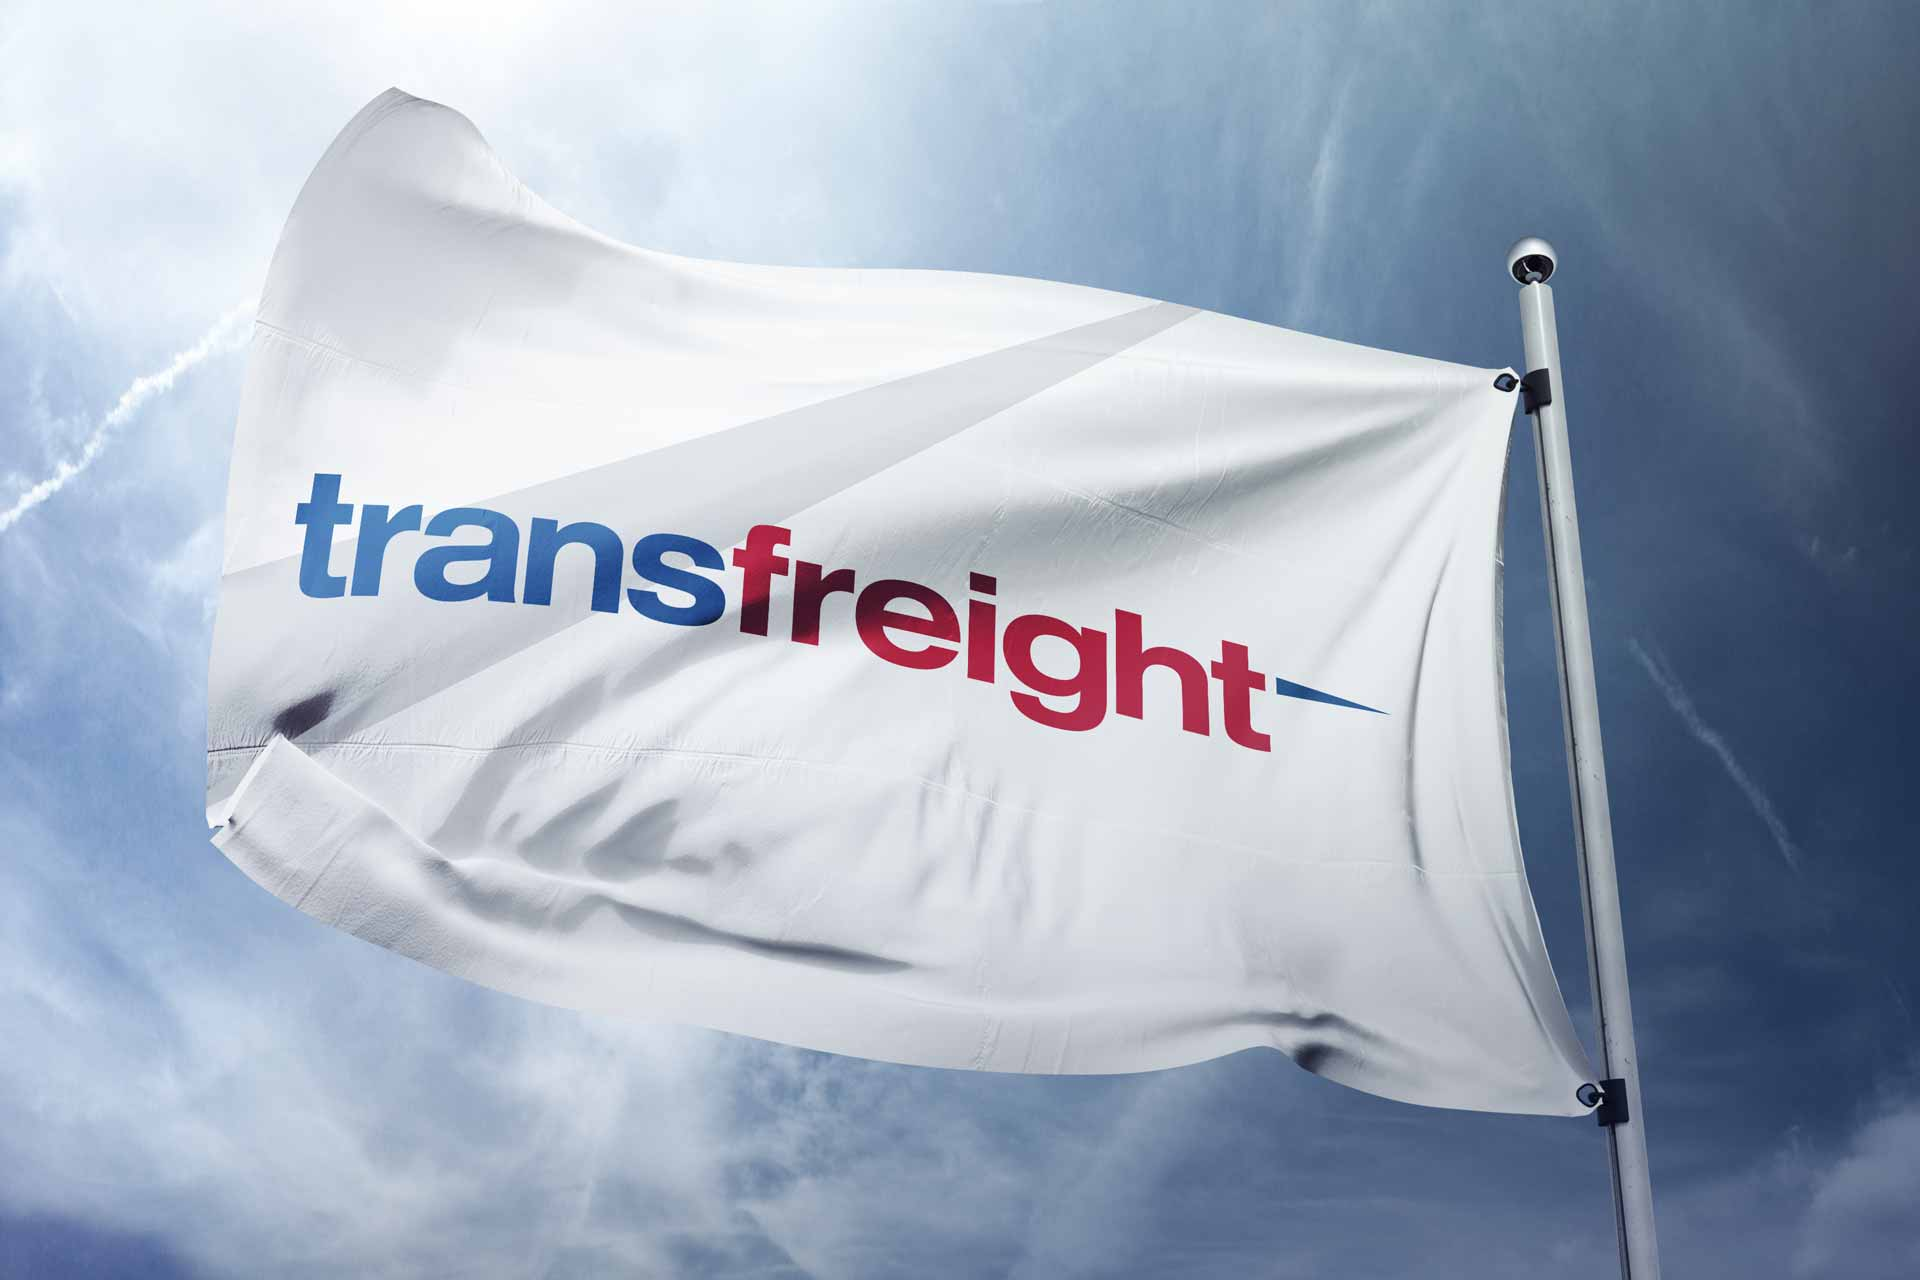 transfreight-branding-flag